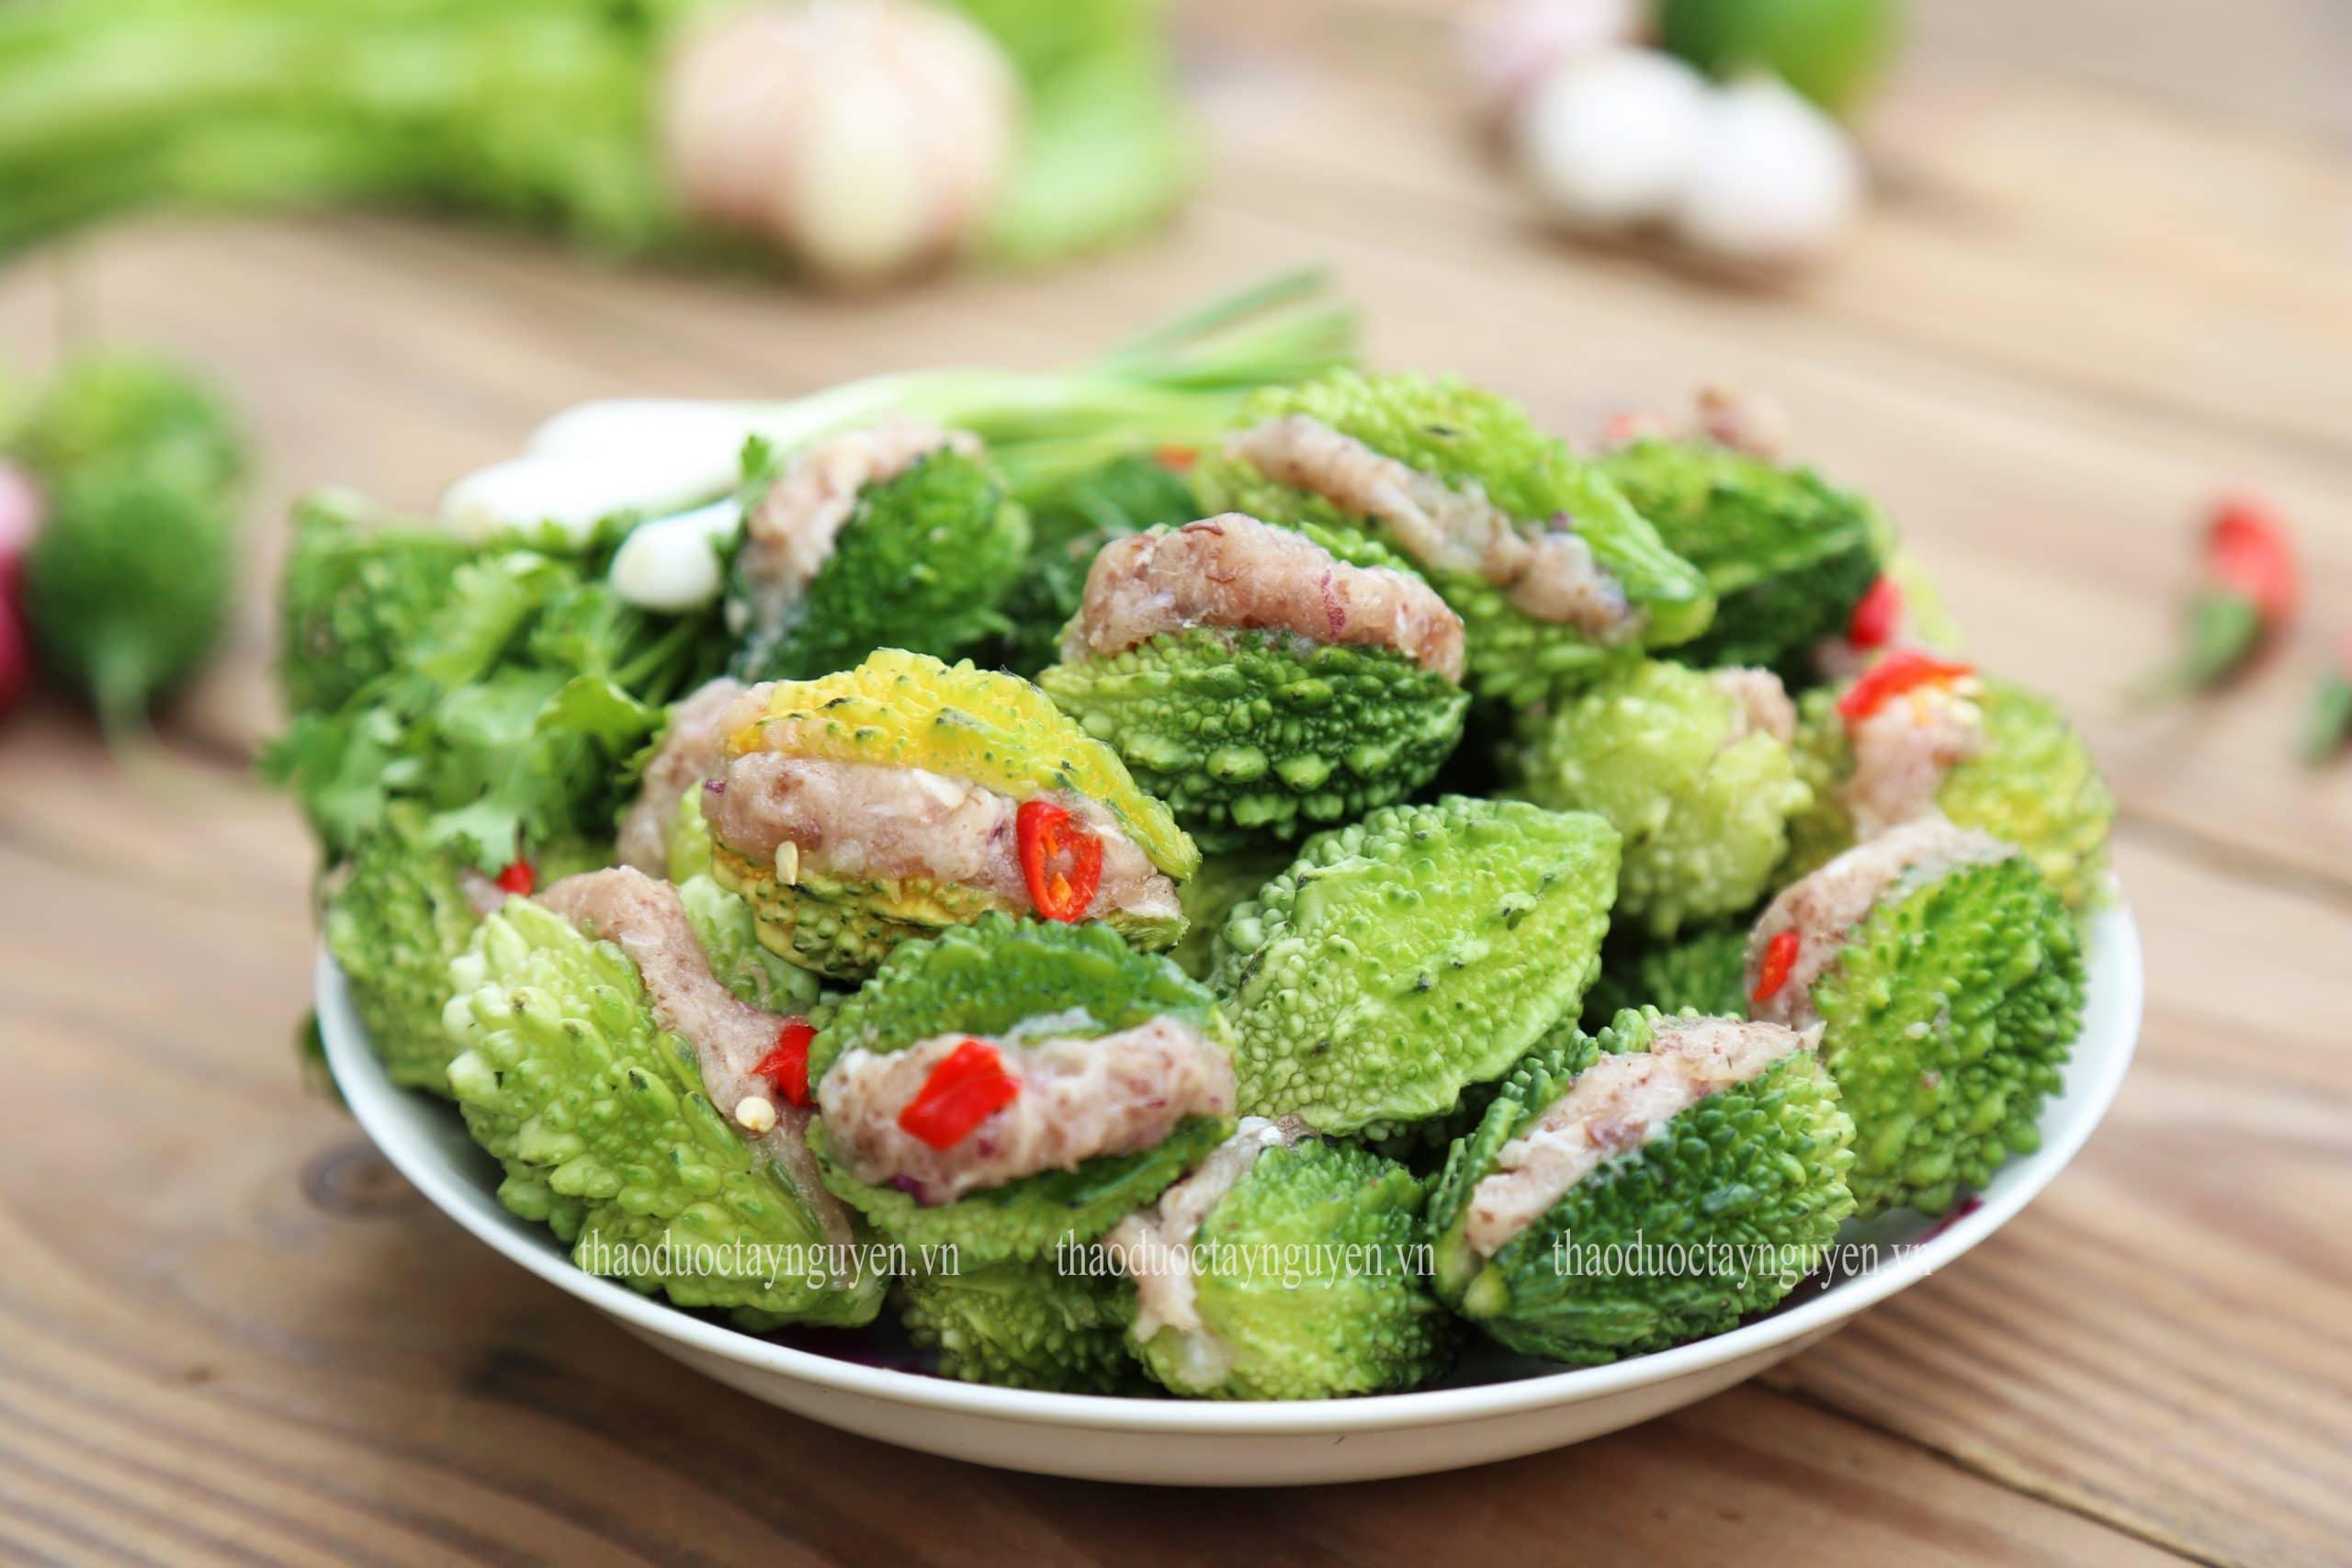 Khổ qua rừng được chế biết thành nhiều món ăn không những ngon mà còn tốt cho sức khỏe.